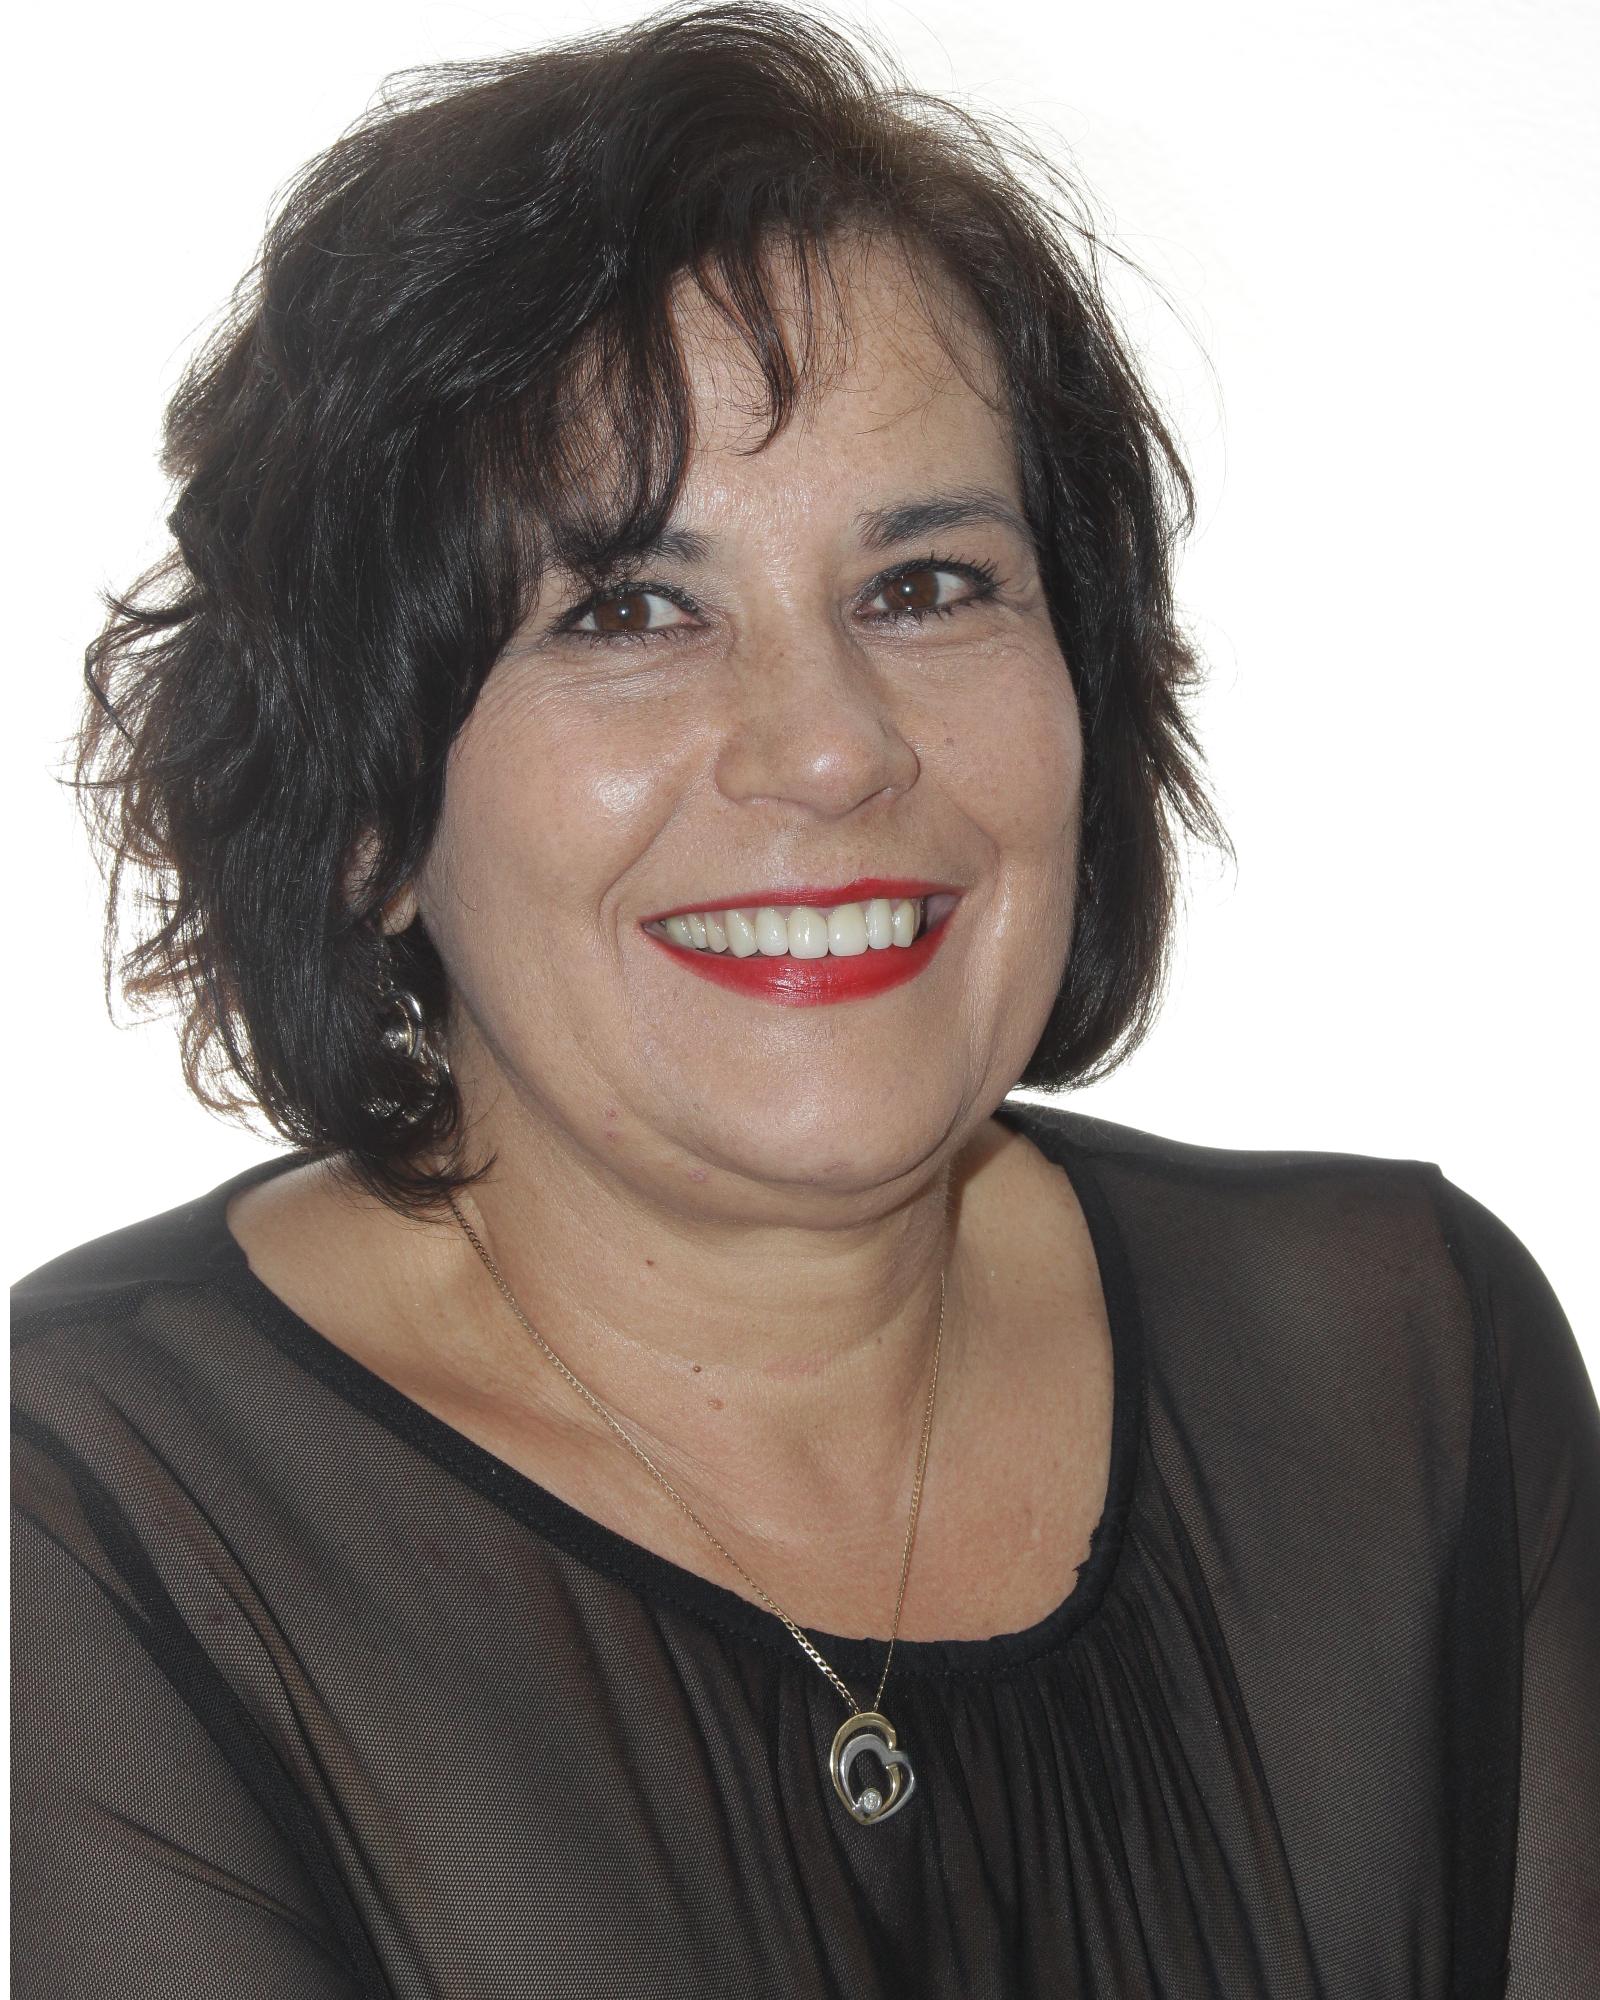 Real Estate Agent - Karen Leemans